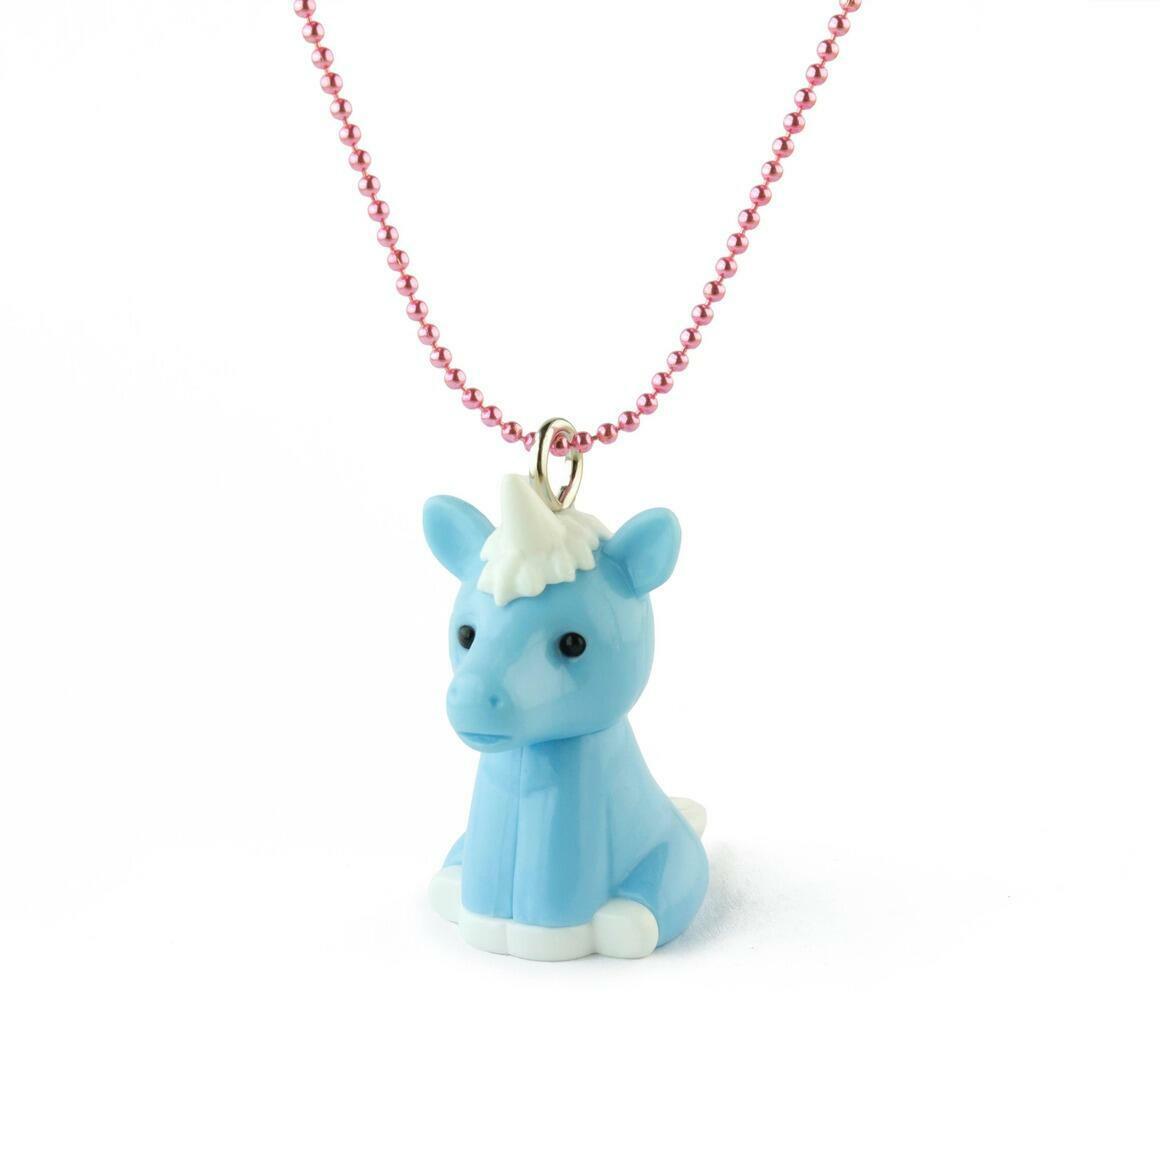 SALE! Pop Cutie X Iwako Blue Unicorn Kids Necklaces Value $7 | Trada Marketplace